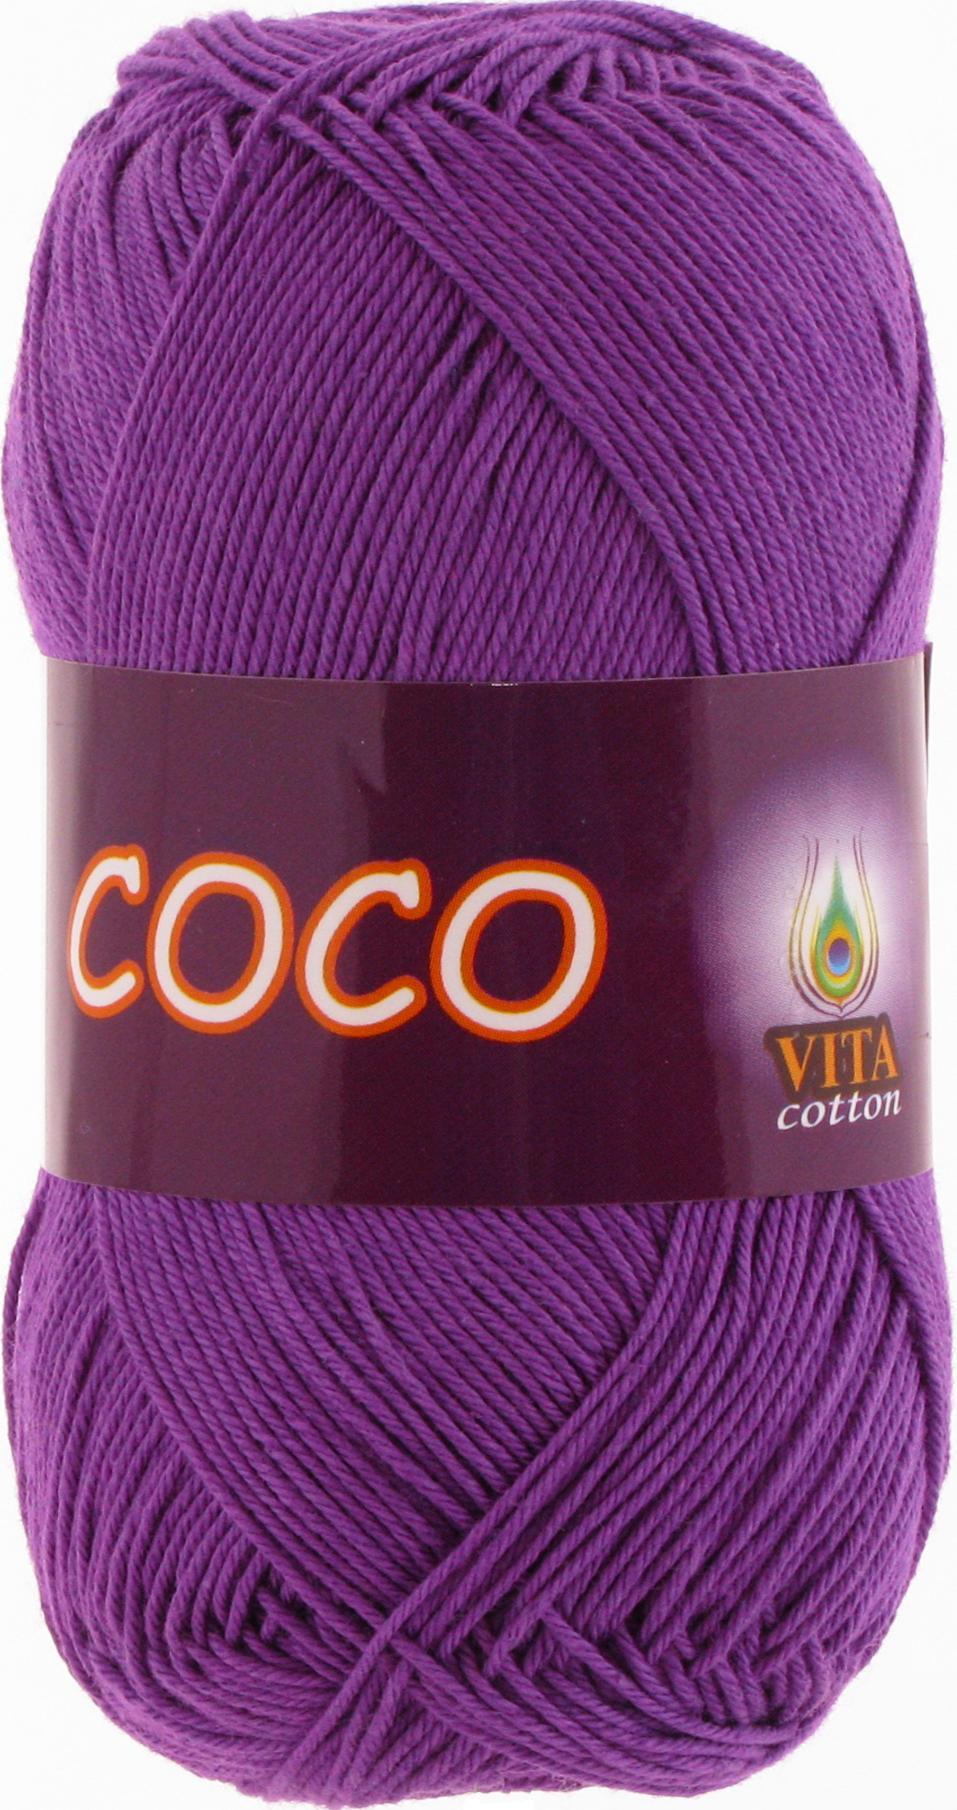 Coco 3888 - лиловый